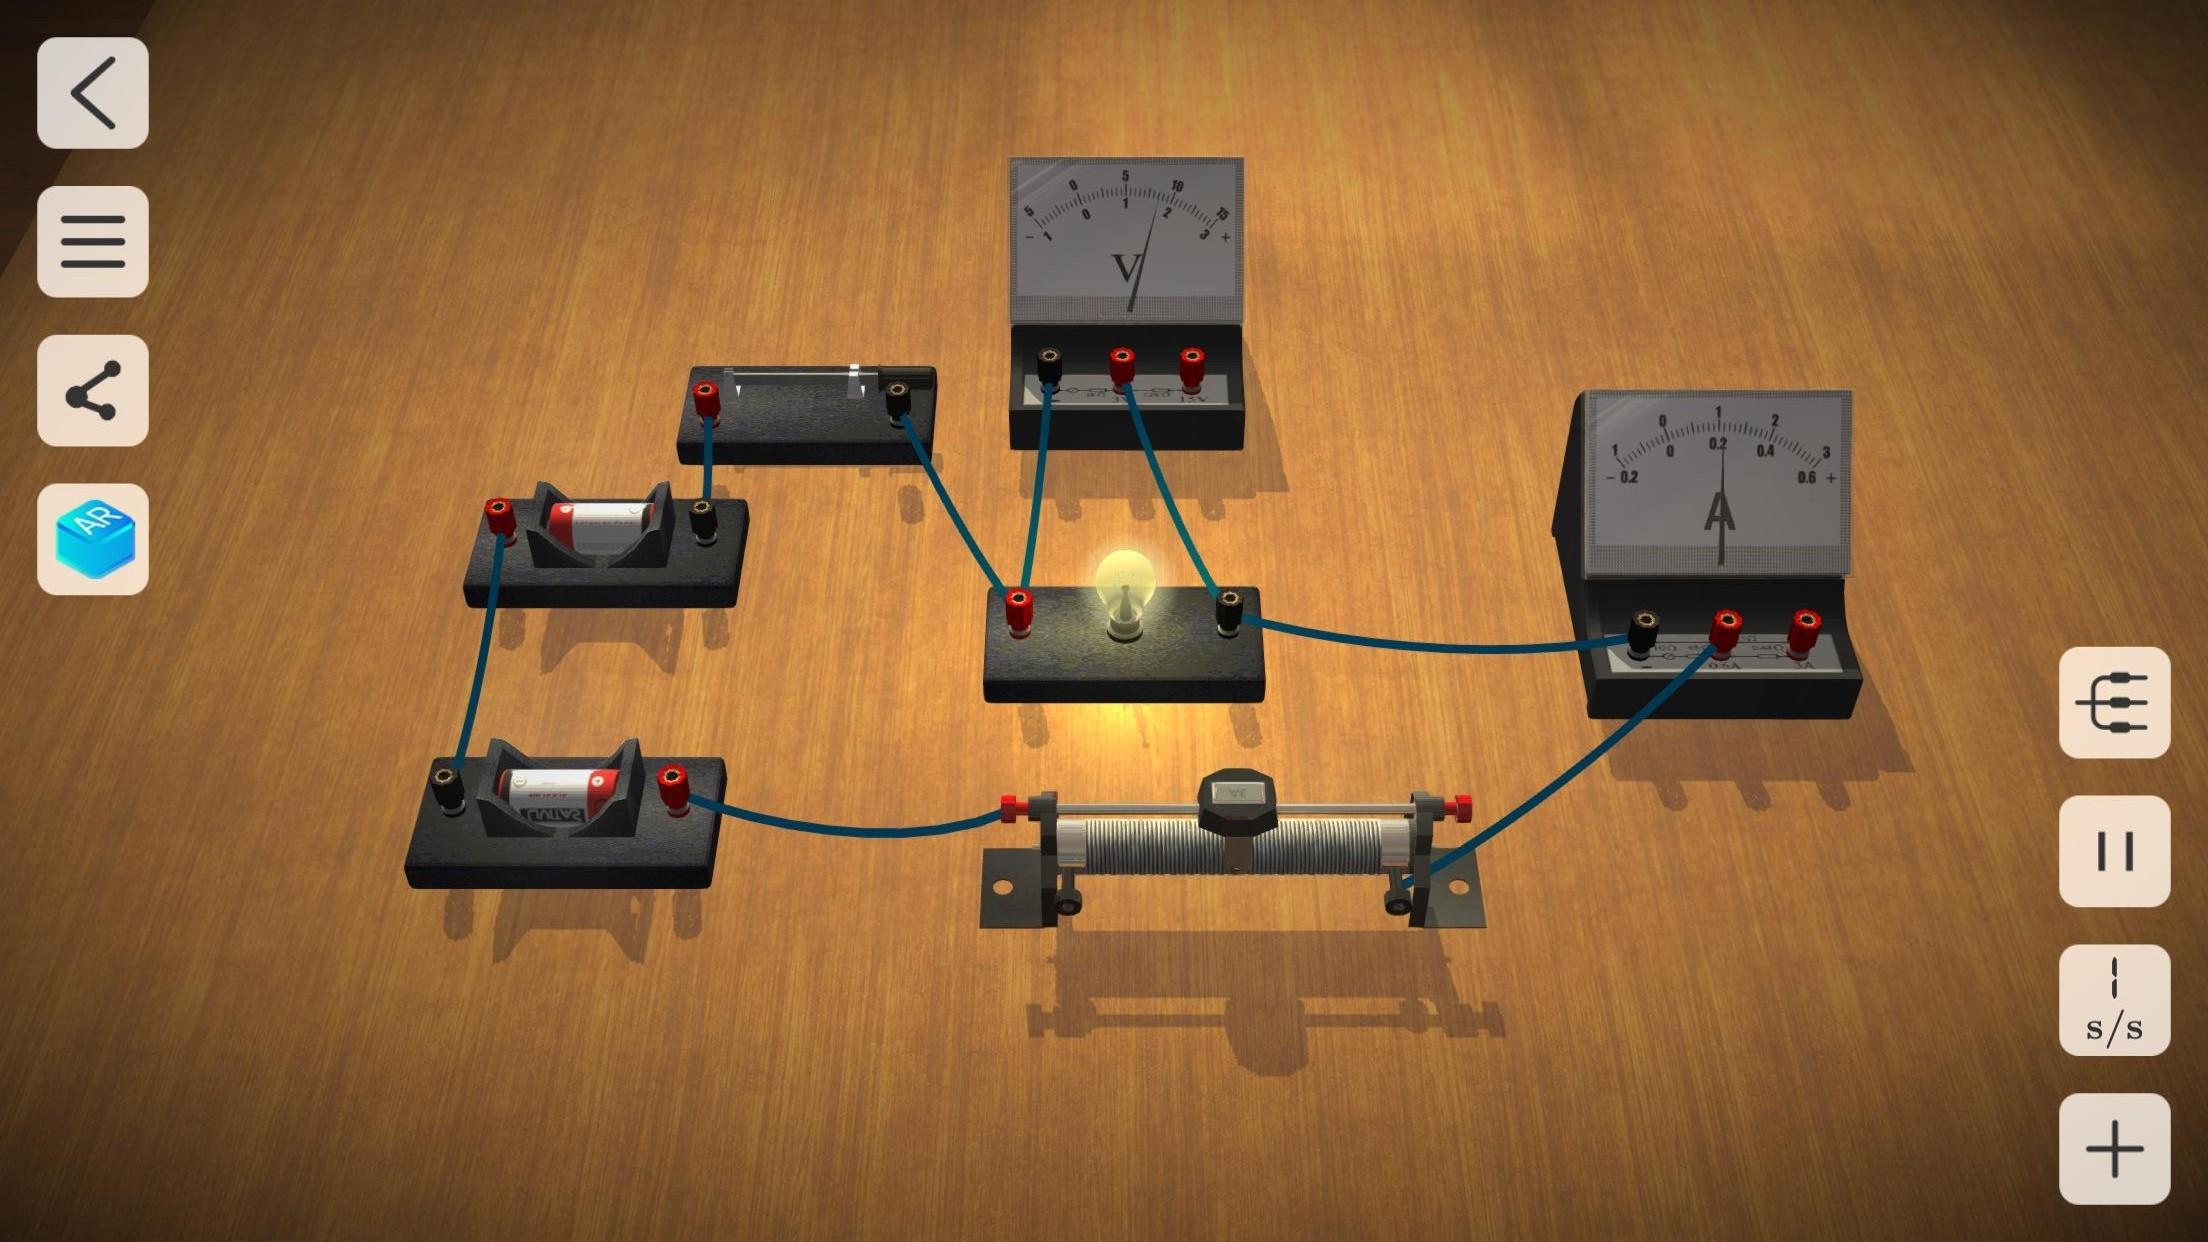 物理实验课 V1.8.9 安卓免费版截图4